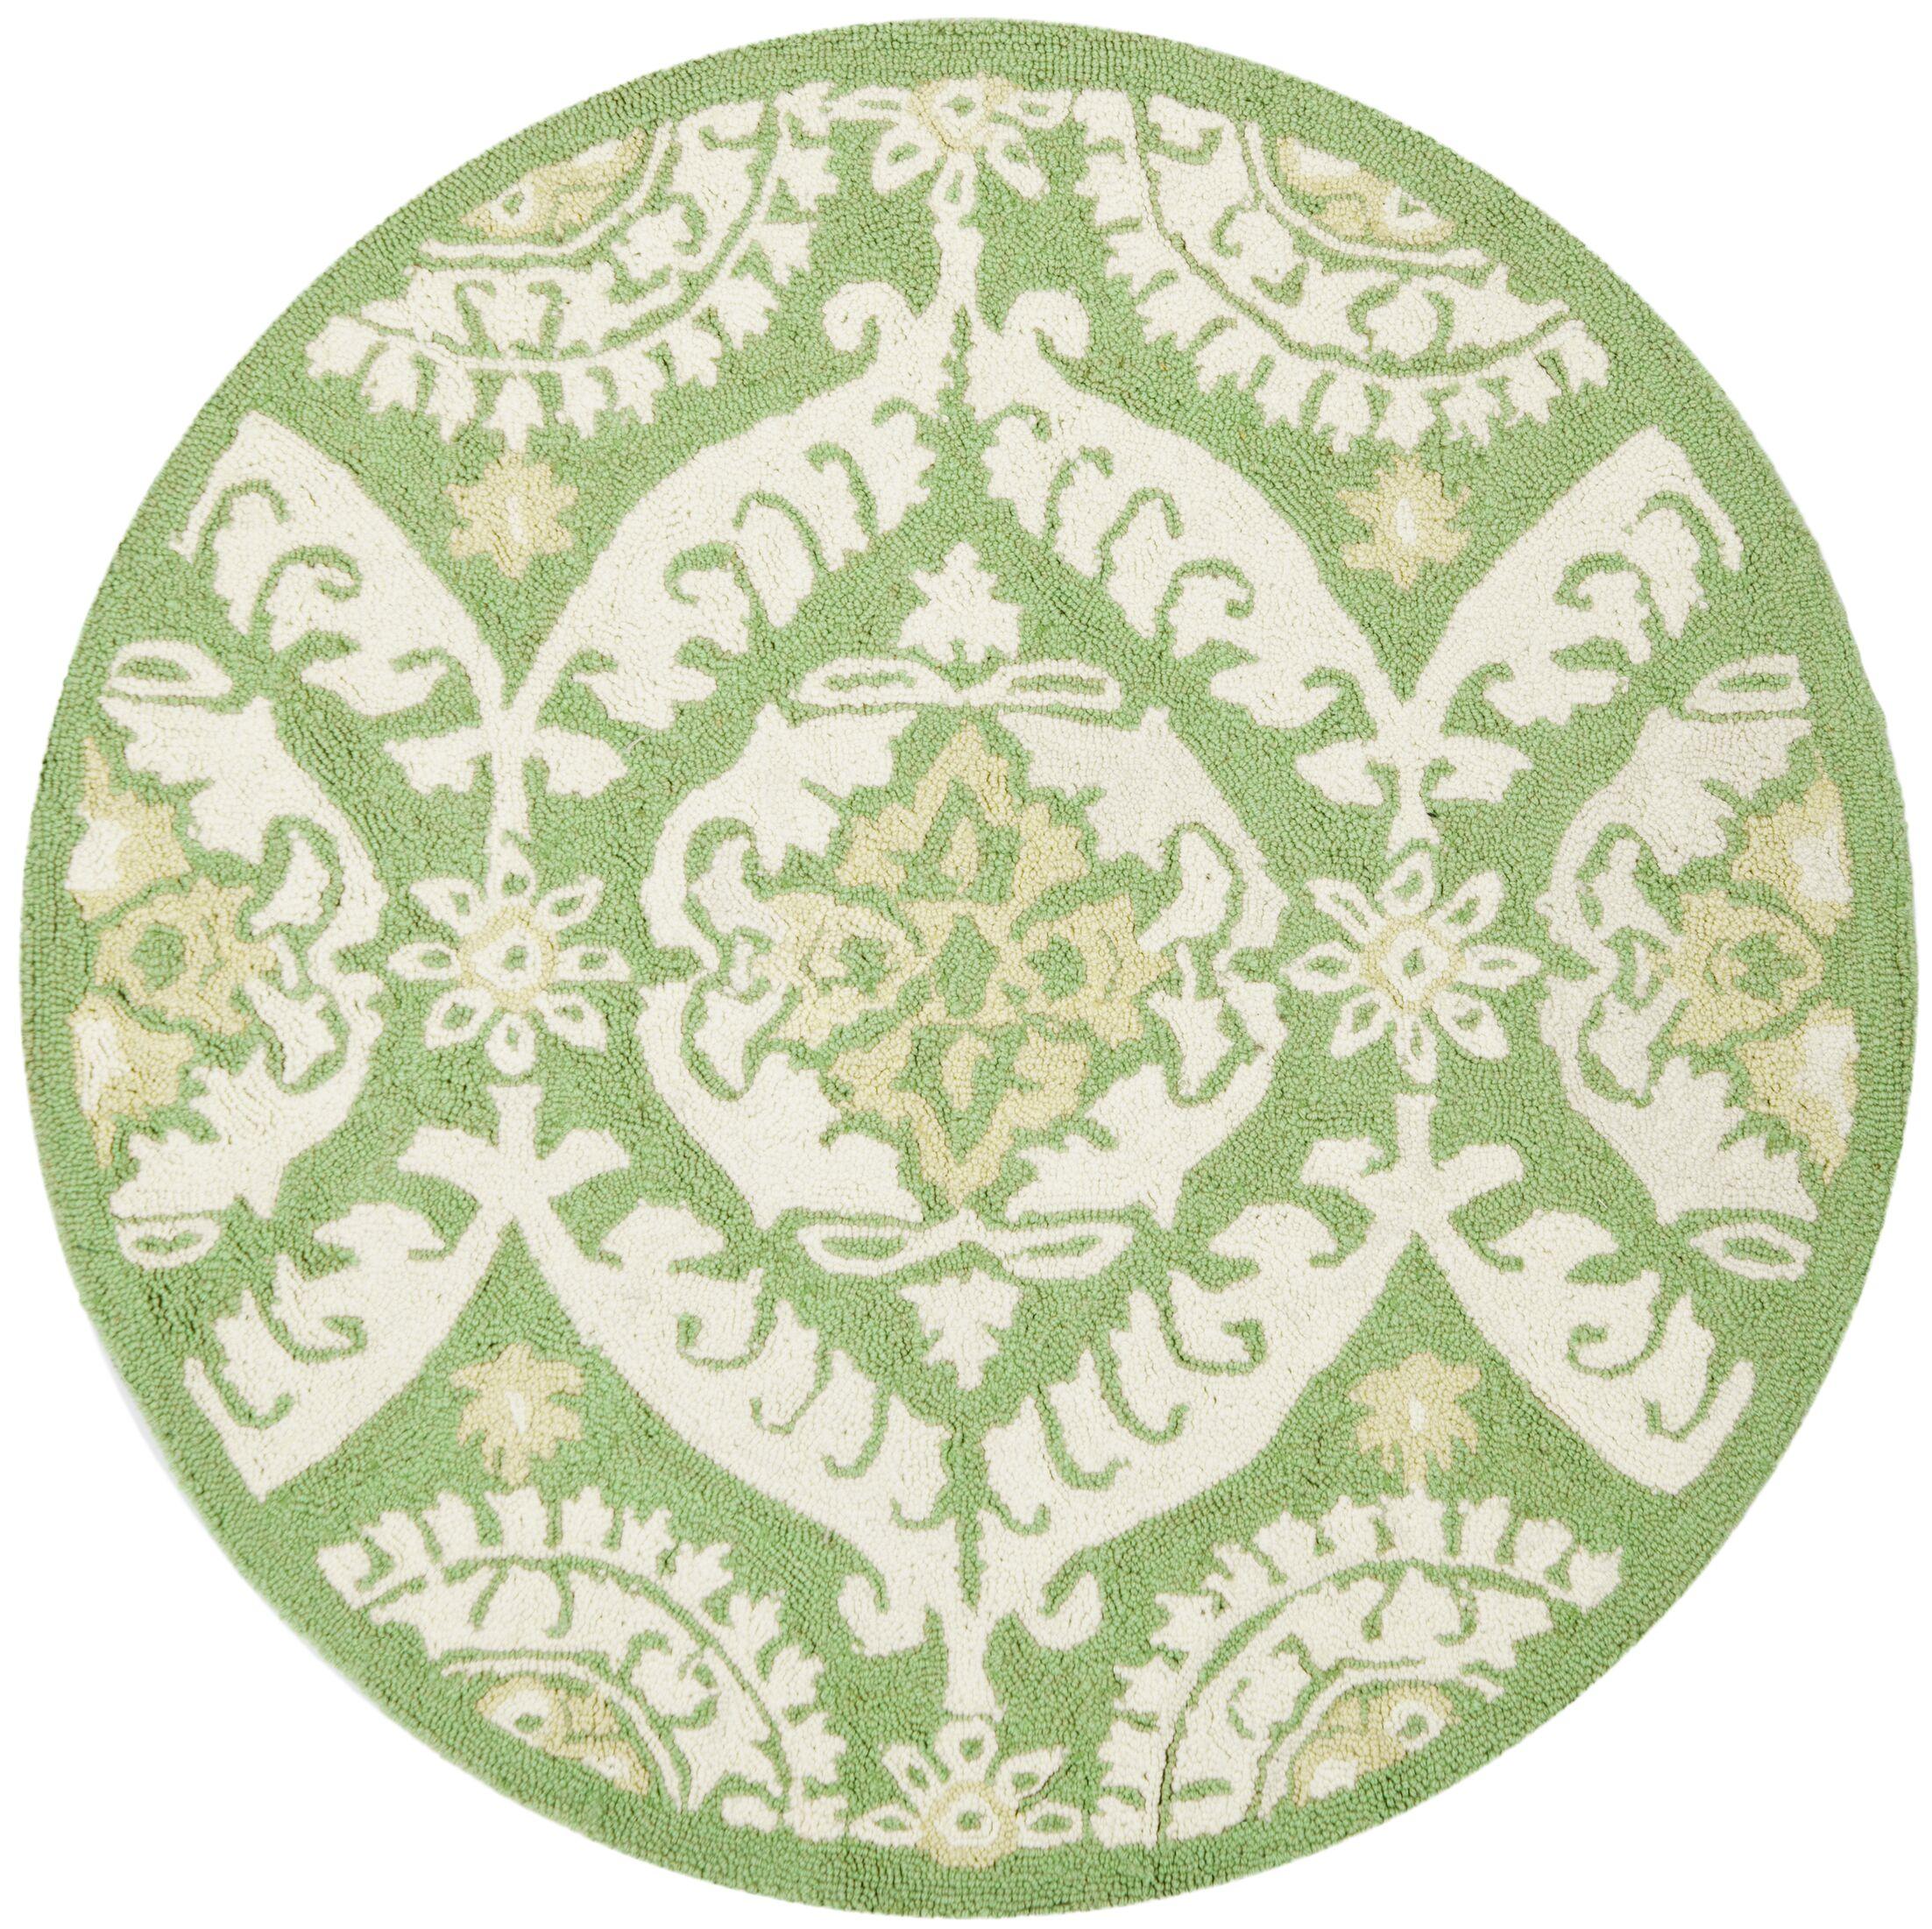 Nesbitt Hand Hooked Green/Beige Area Rug Rug Size: Round 8'